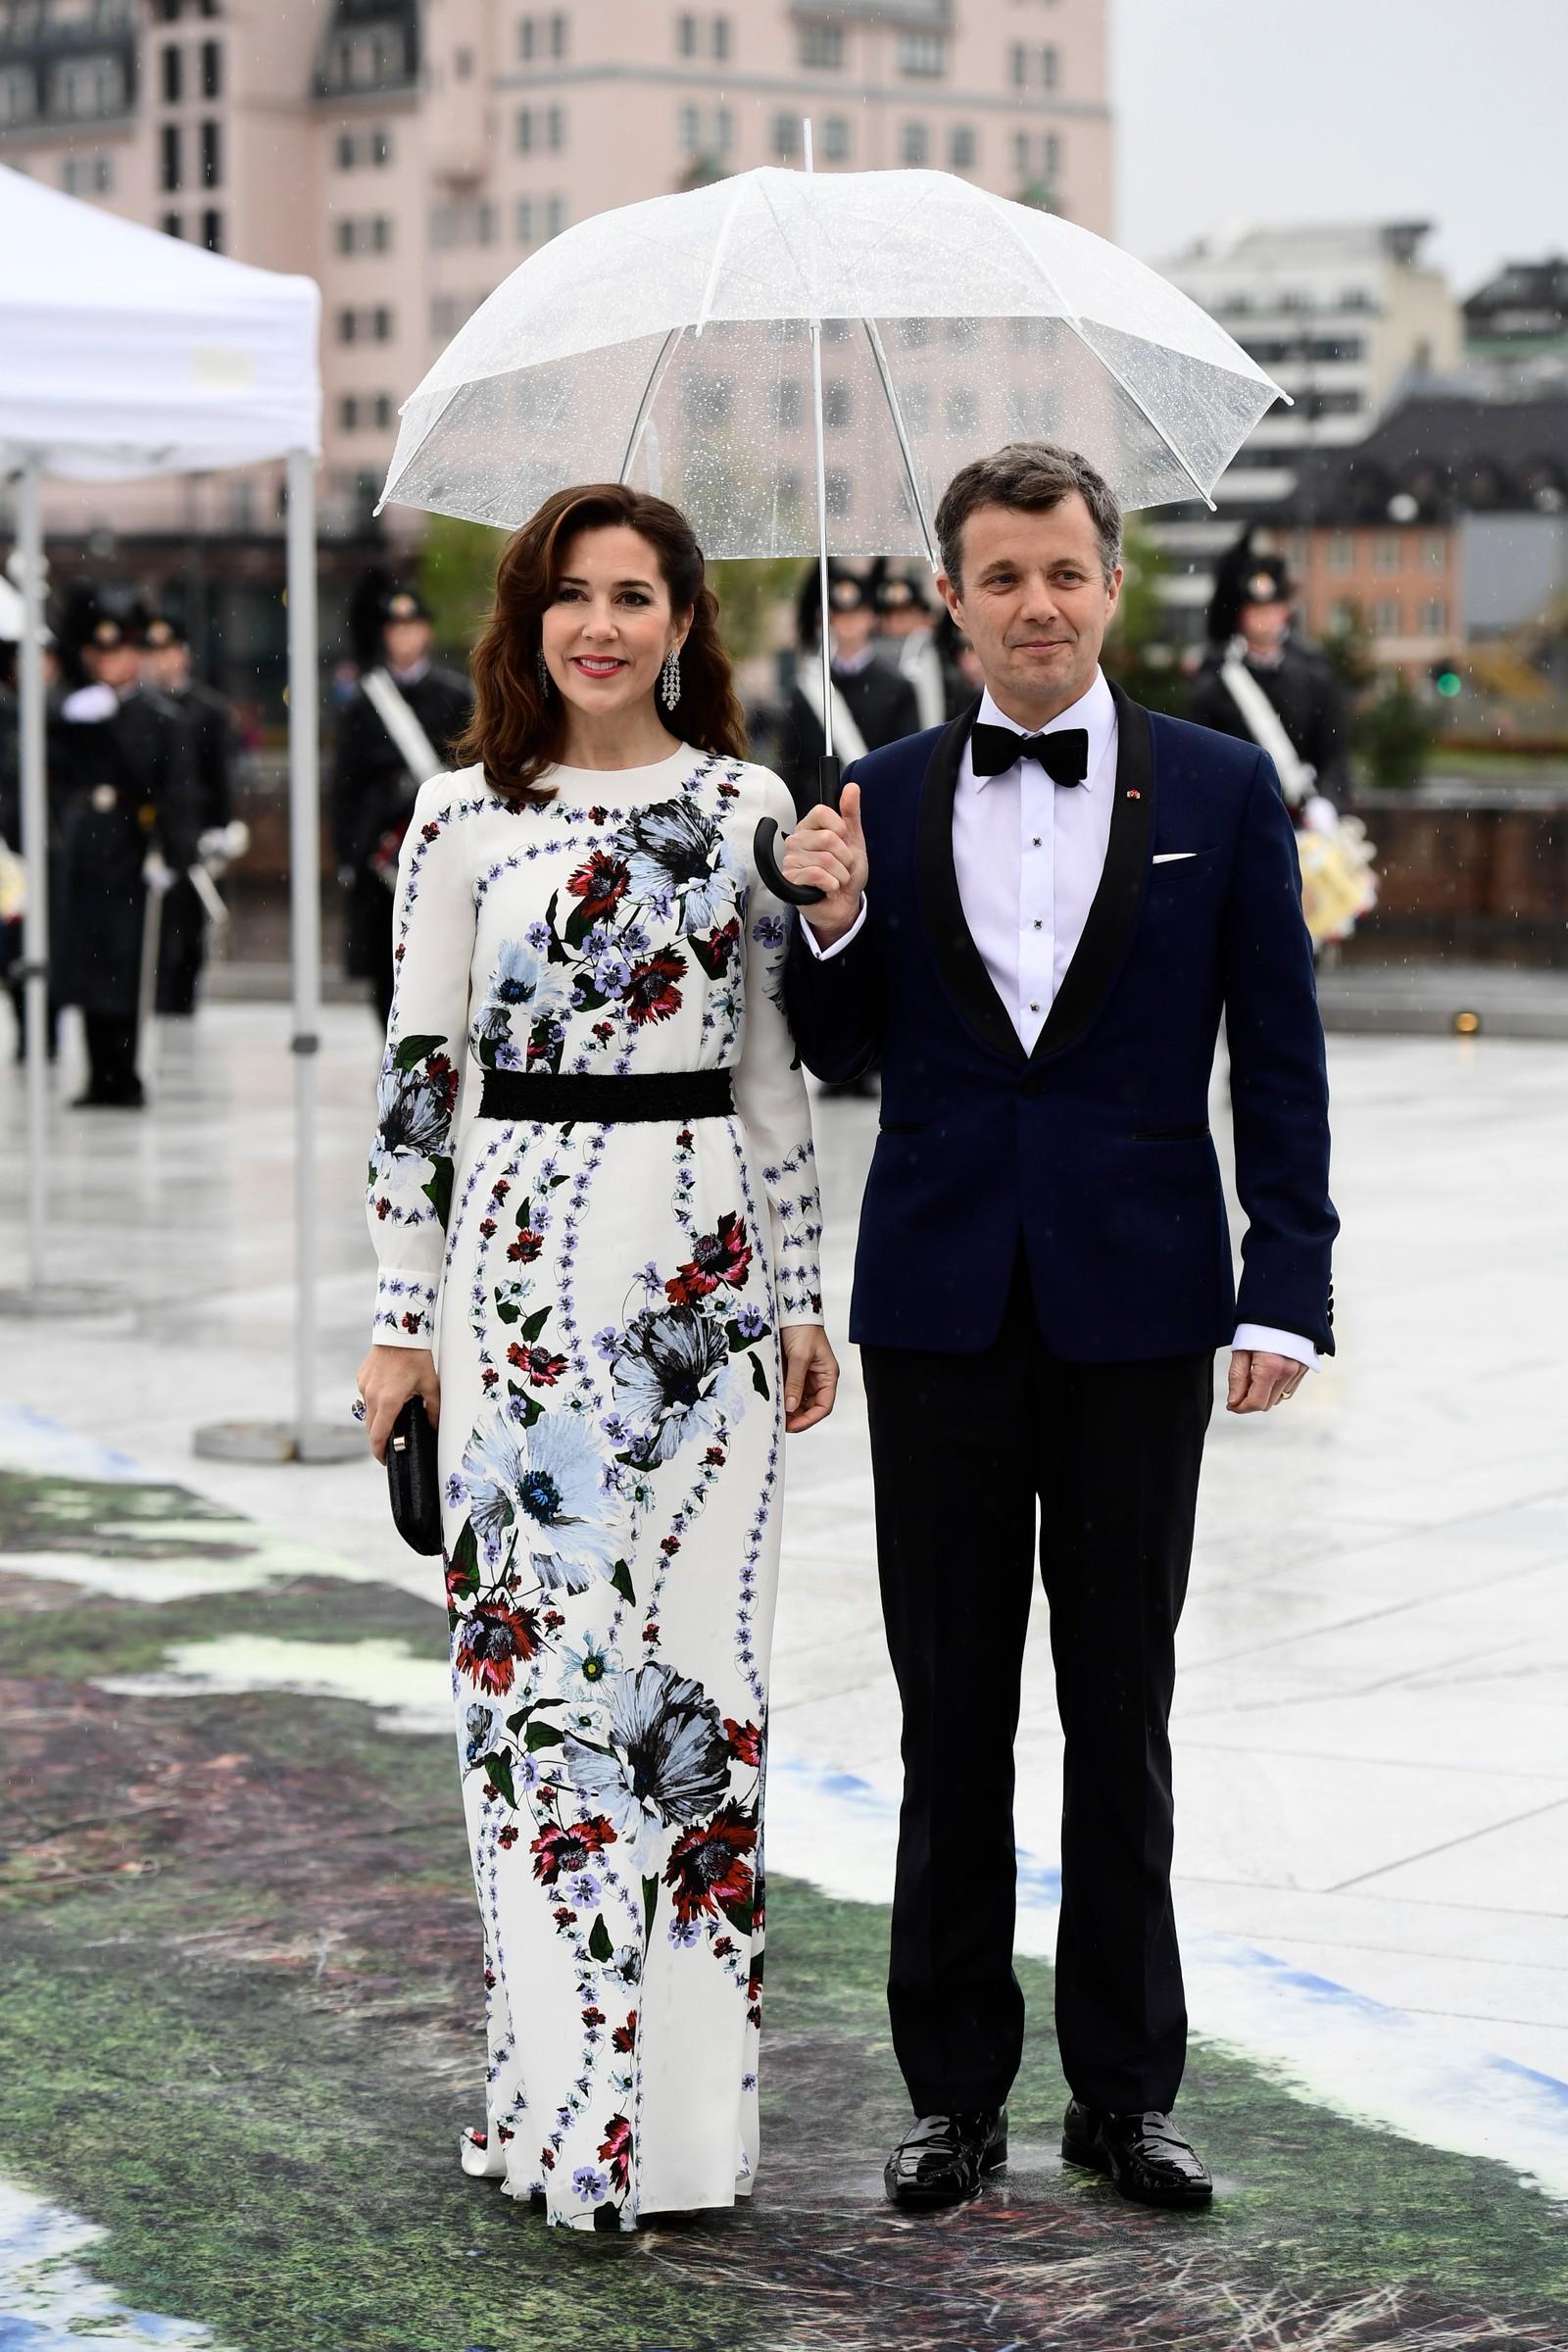 Danske kronprinsesse Mary og kronprins Frederik deltar i feiringen.